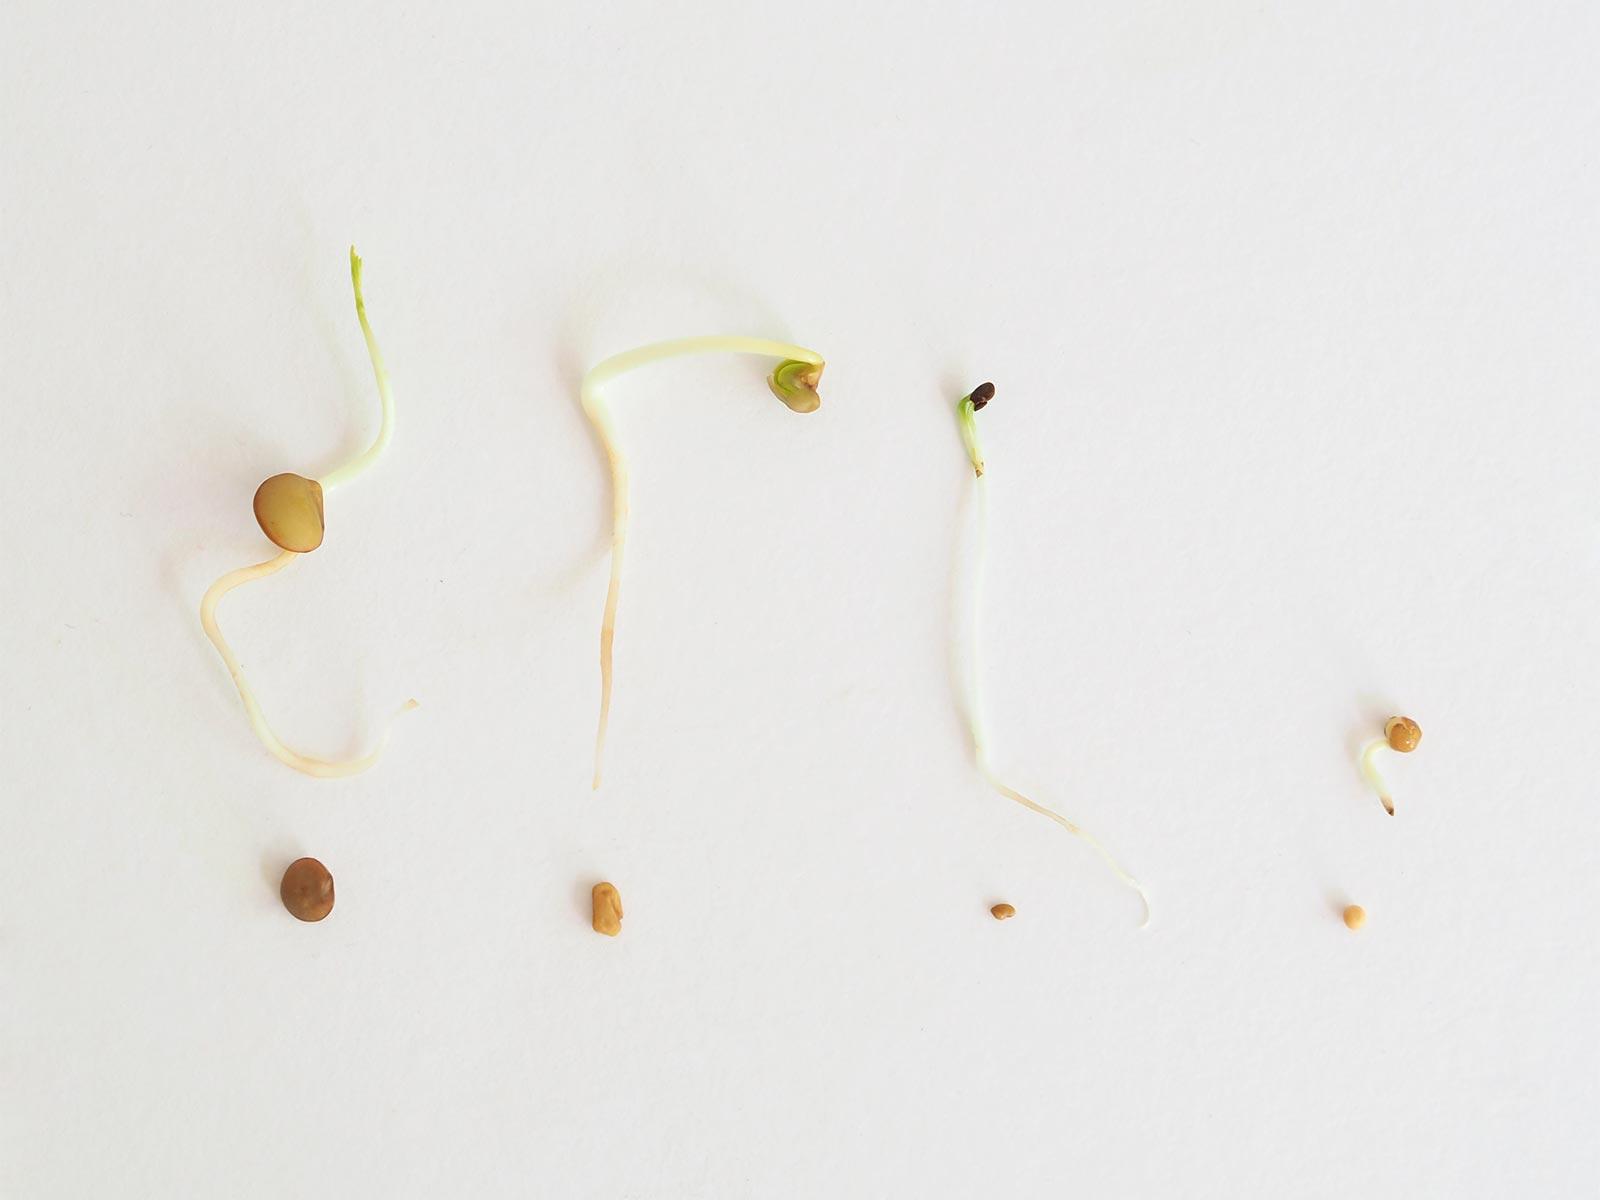 comparaison-graines-germes-bio-moutarde-lentilles-fenugrec-alfalfa-jour-4